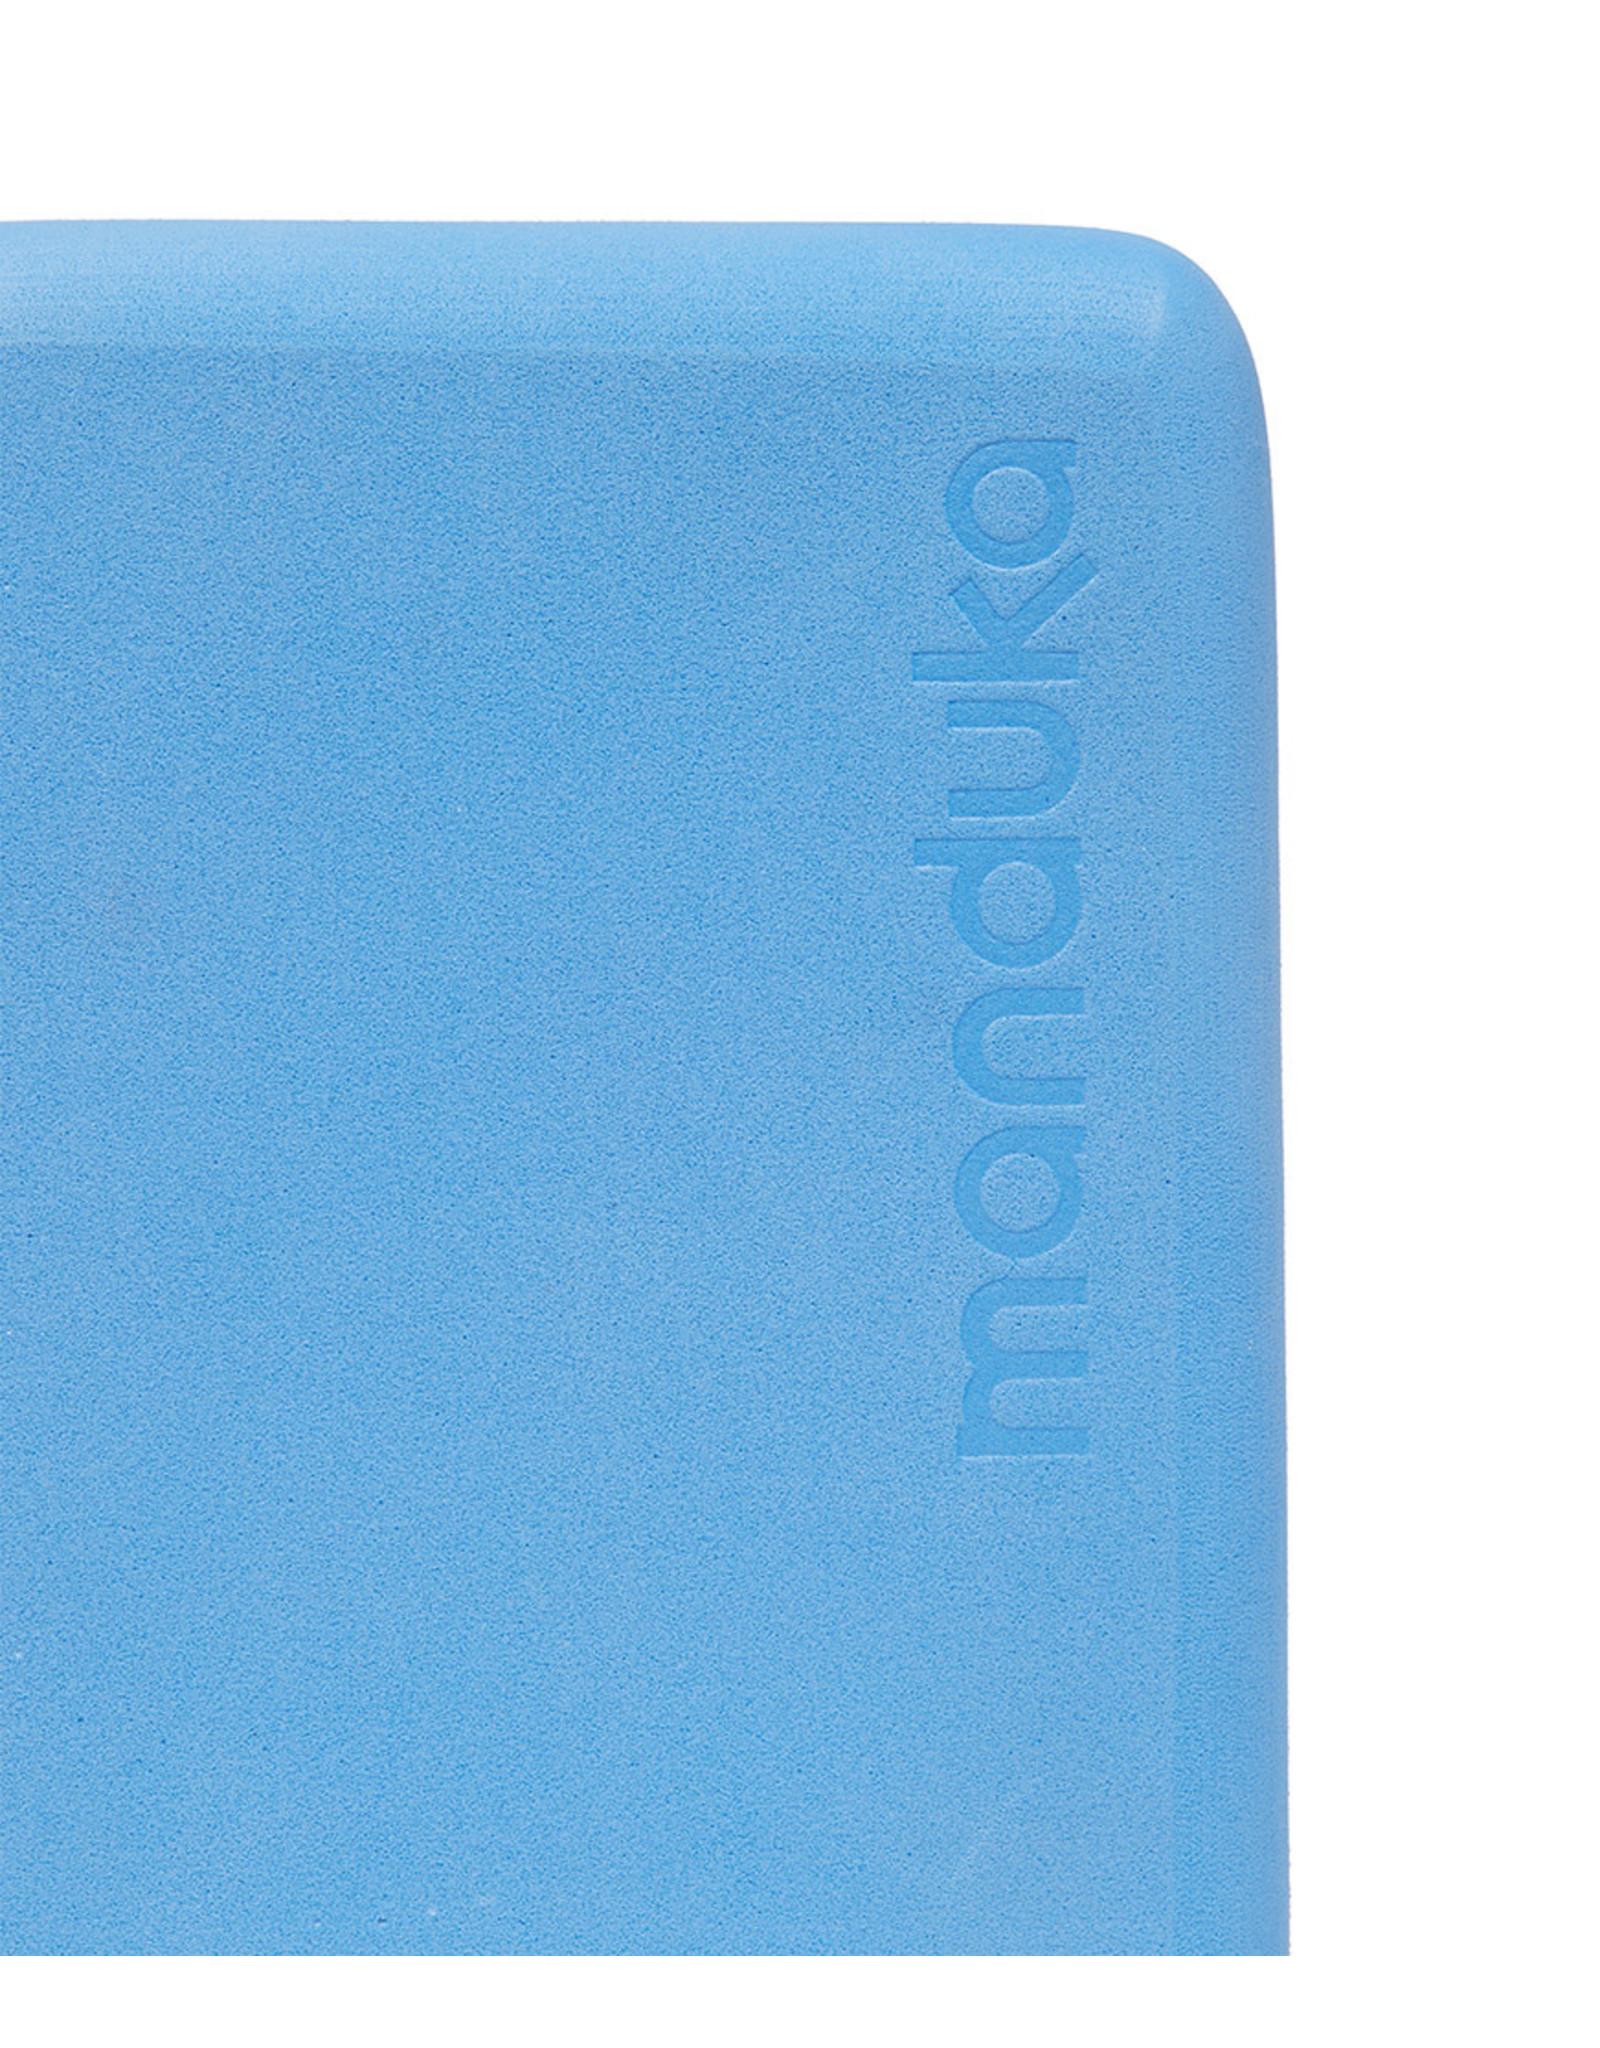 Manduka Recycled Foam Yoga Mini Block - Surf